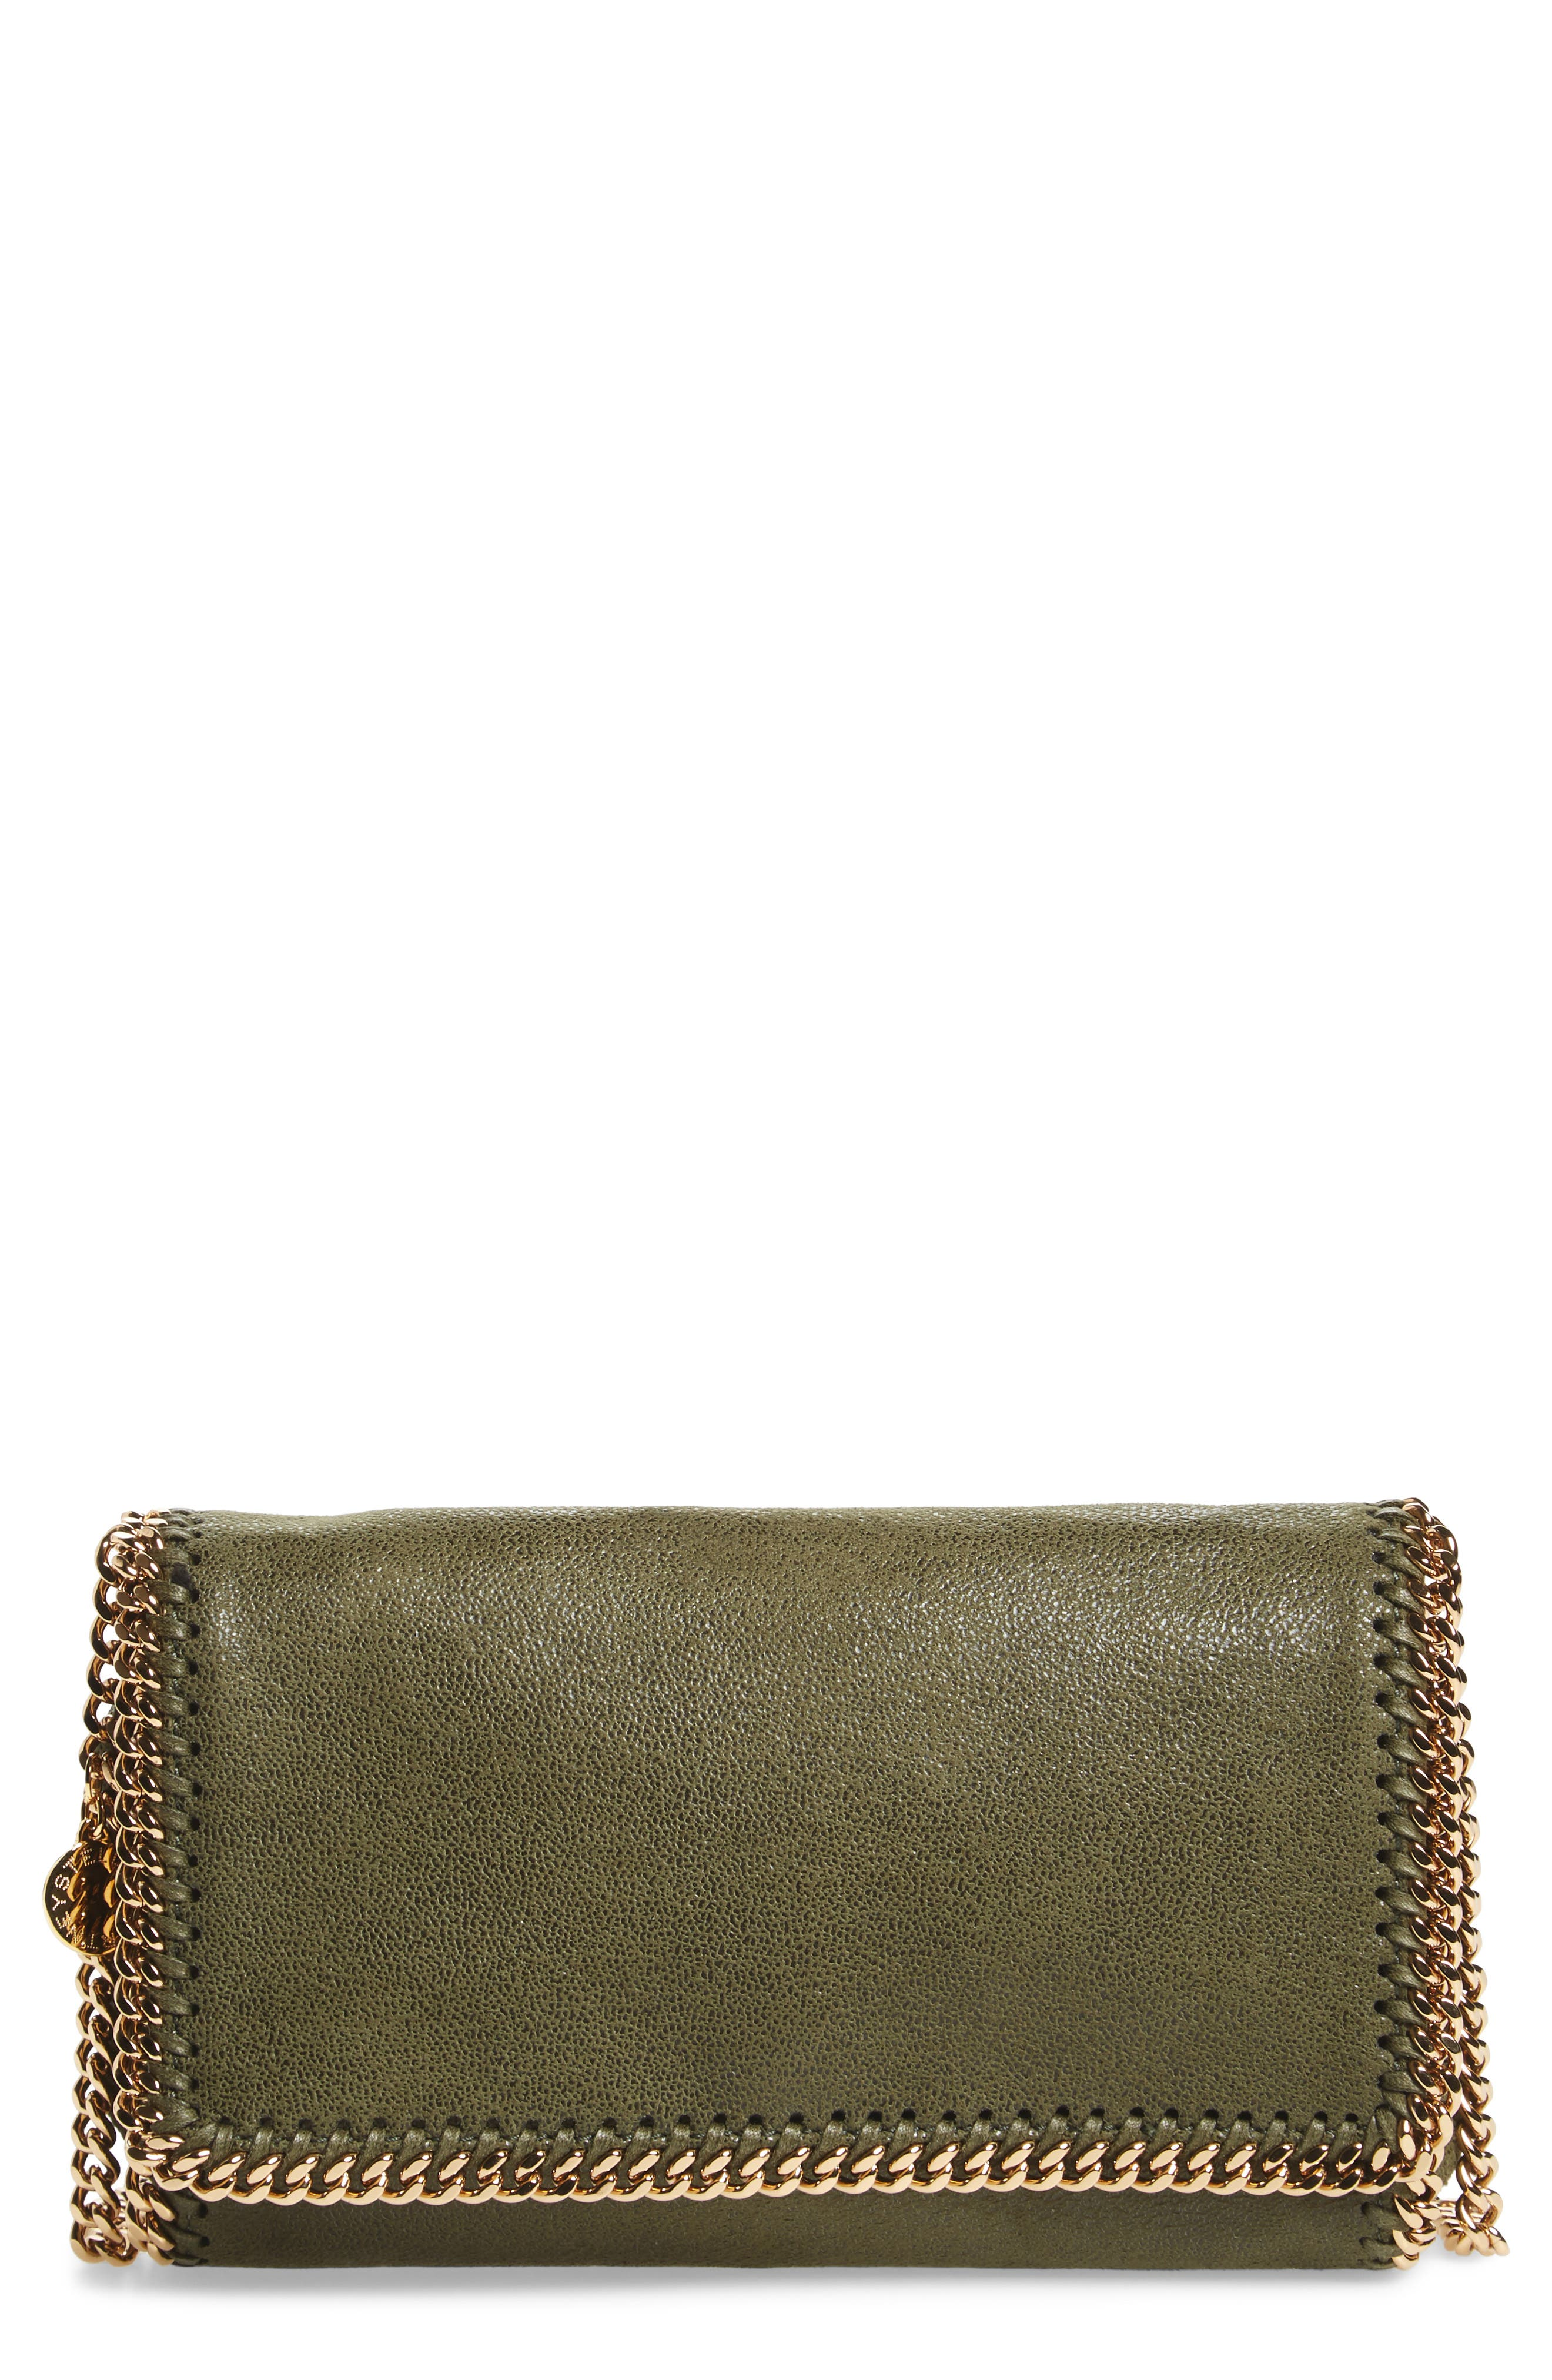 STELLA MCCARTNEY Falabella - Shaggy Deer Faux Leather Crossbody Bag